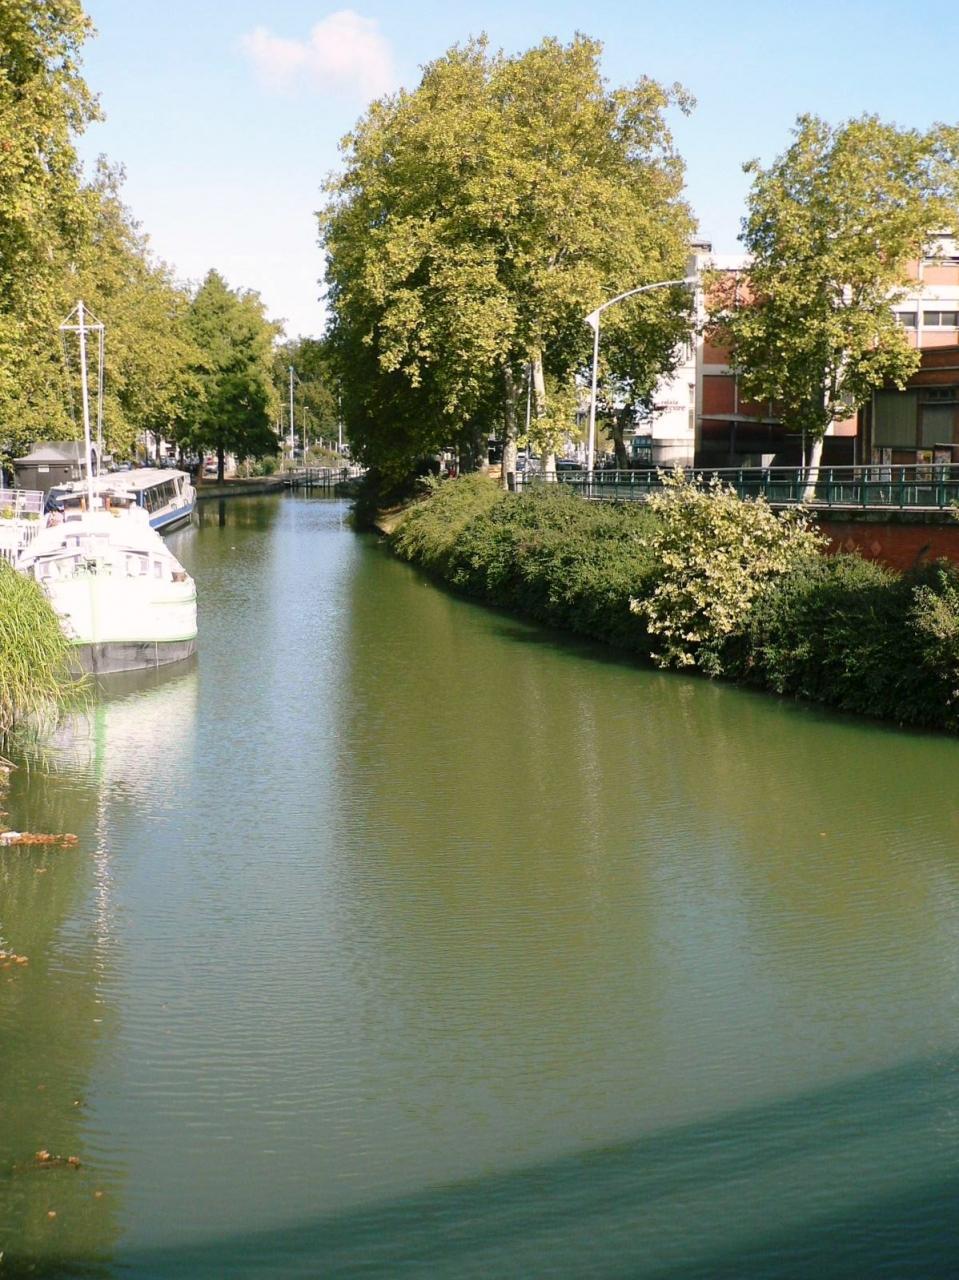 ミディ運河の画像 p1_18